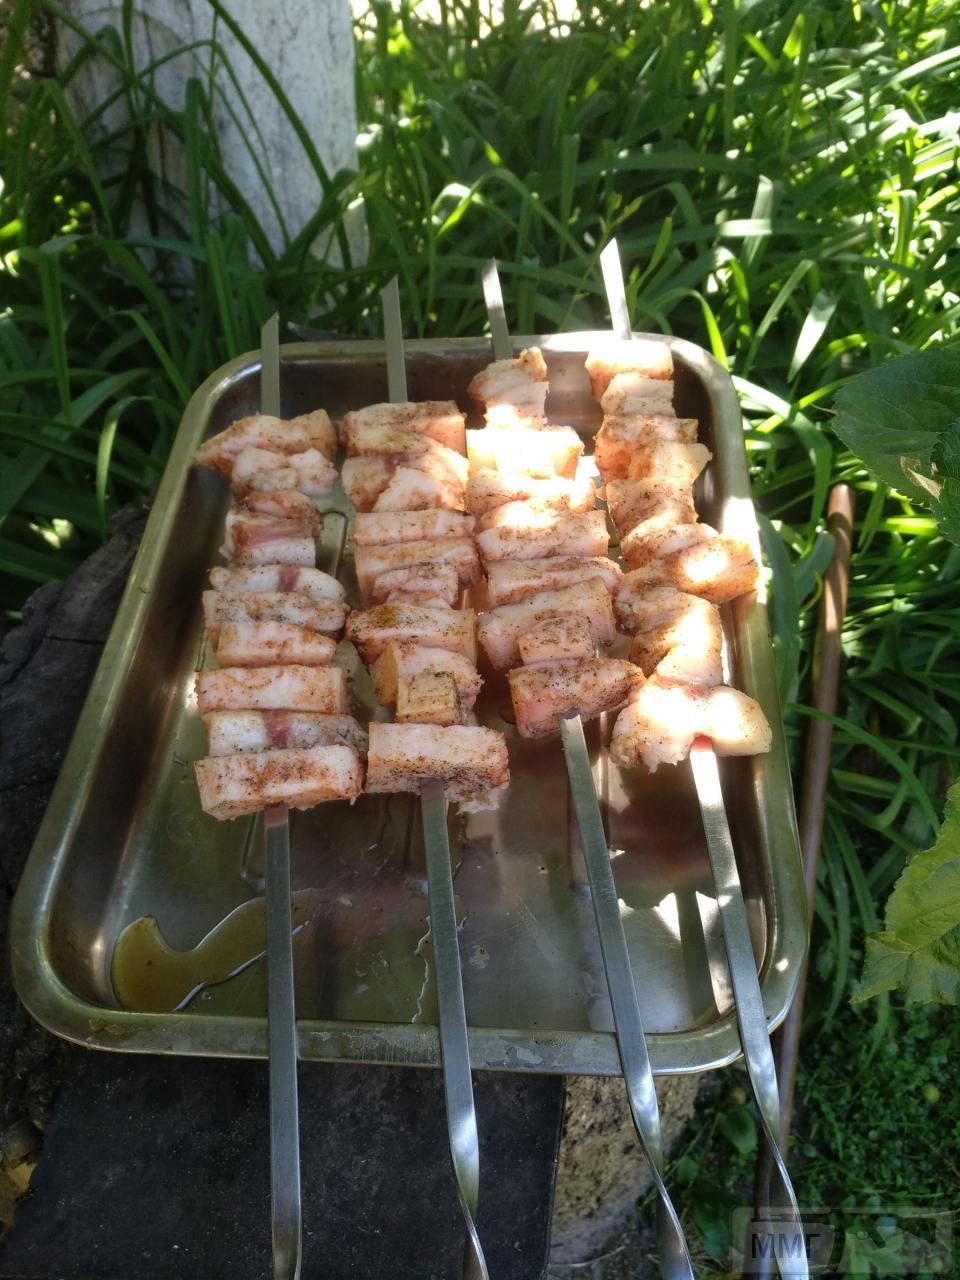 29409 - Закуски на огне (мангал, барбекю и т.д.) и кулинария вообще. Советы и рецепты.